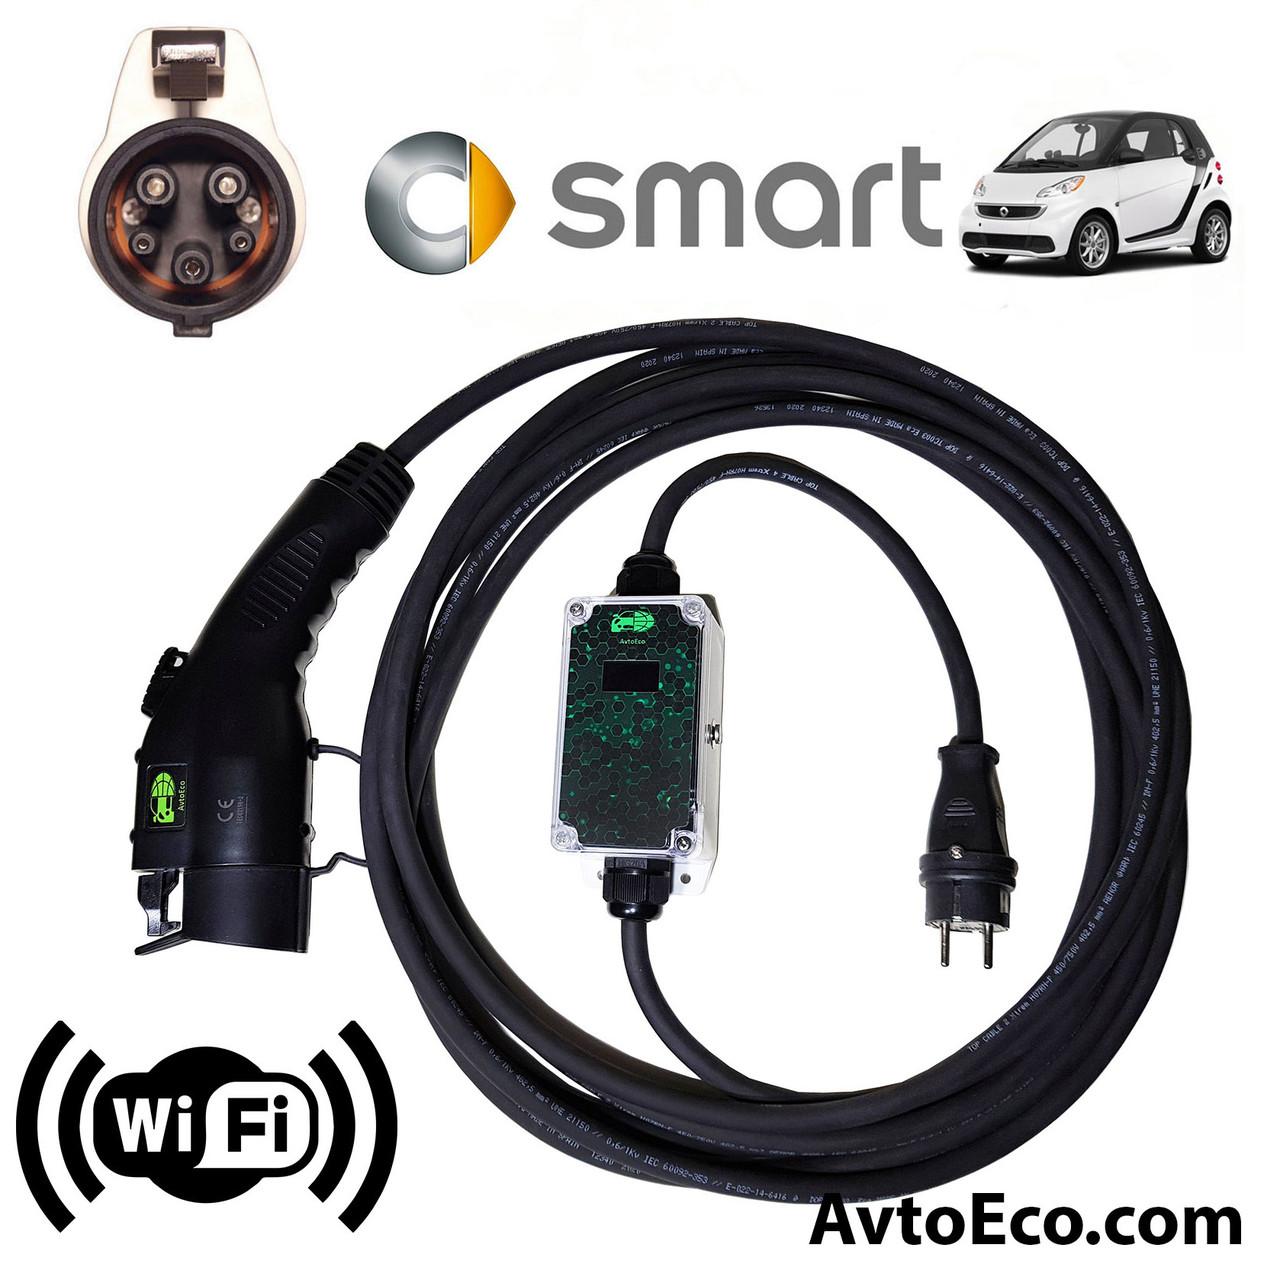 Зарядное устройство для электромобиля Smart Electric Drive AutoEco J1772-16A-Wi-Fi